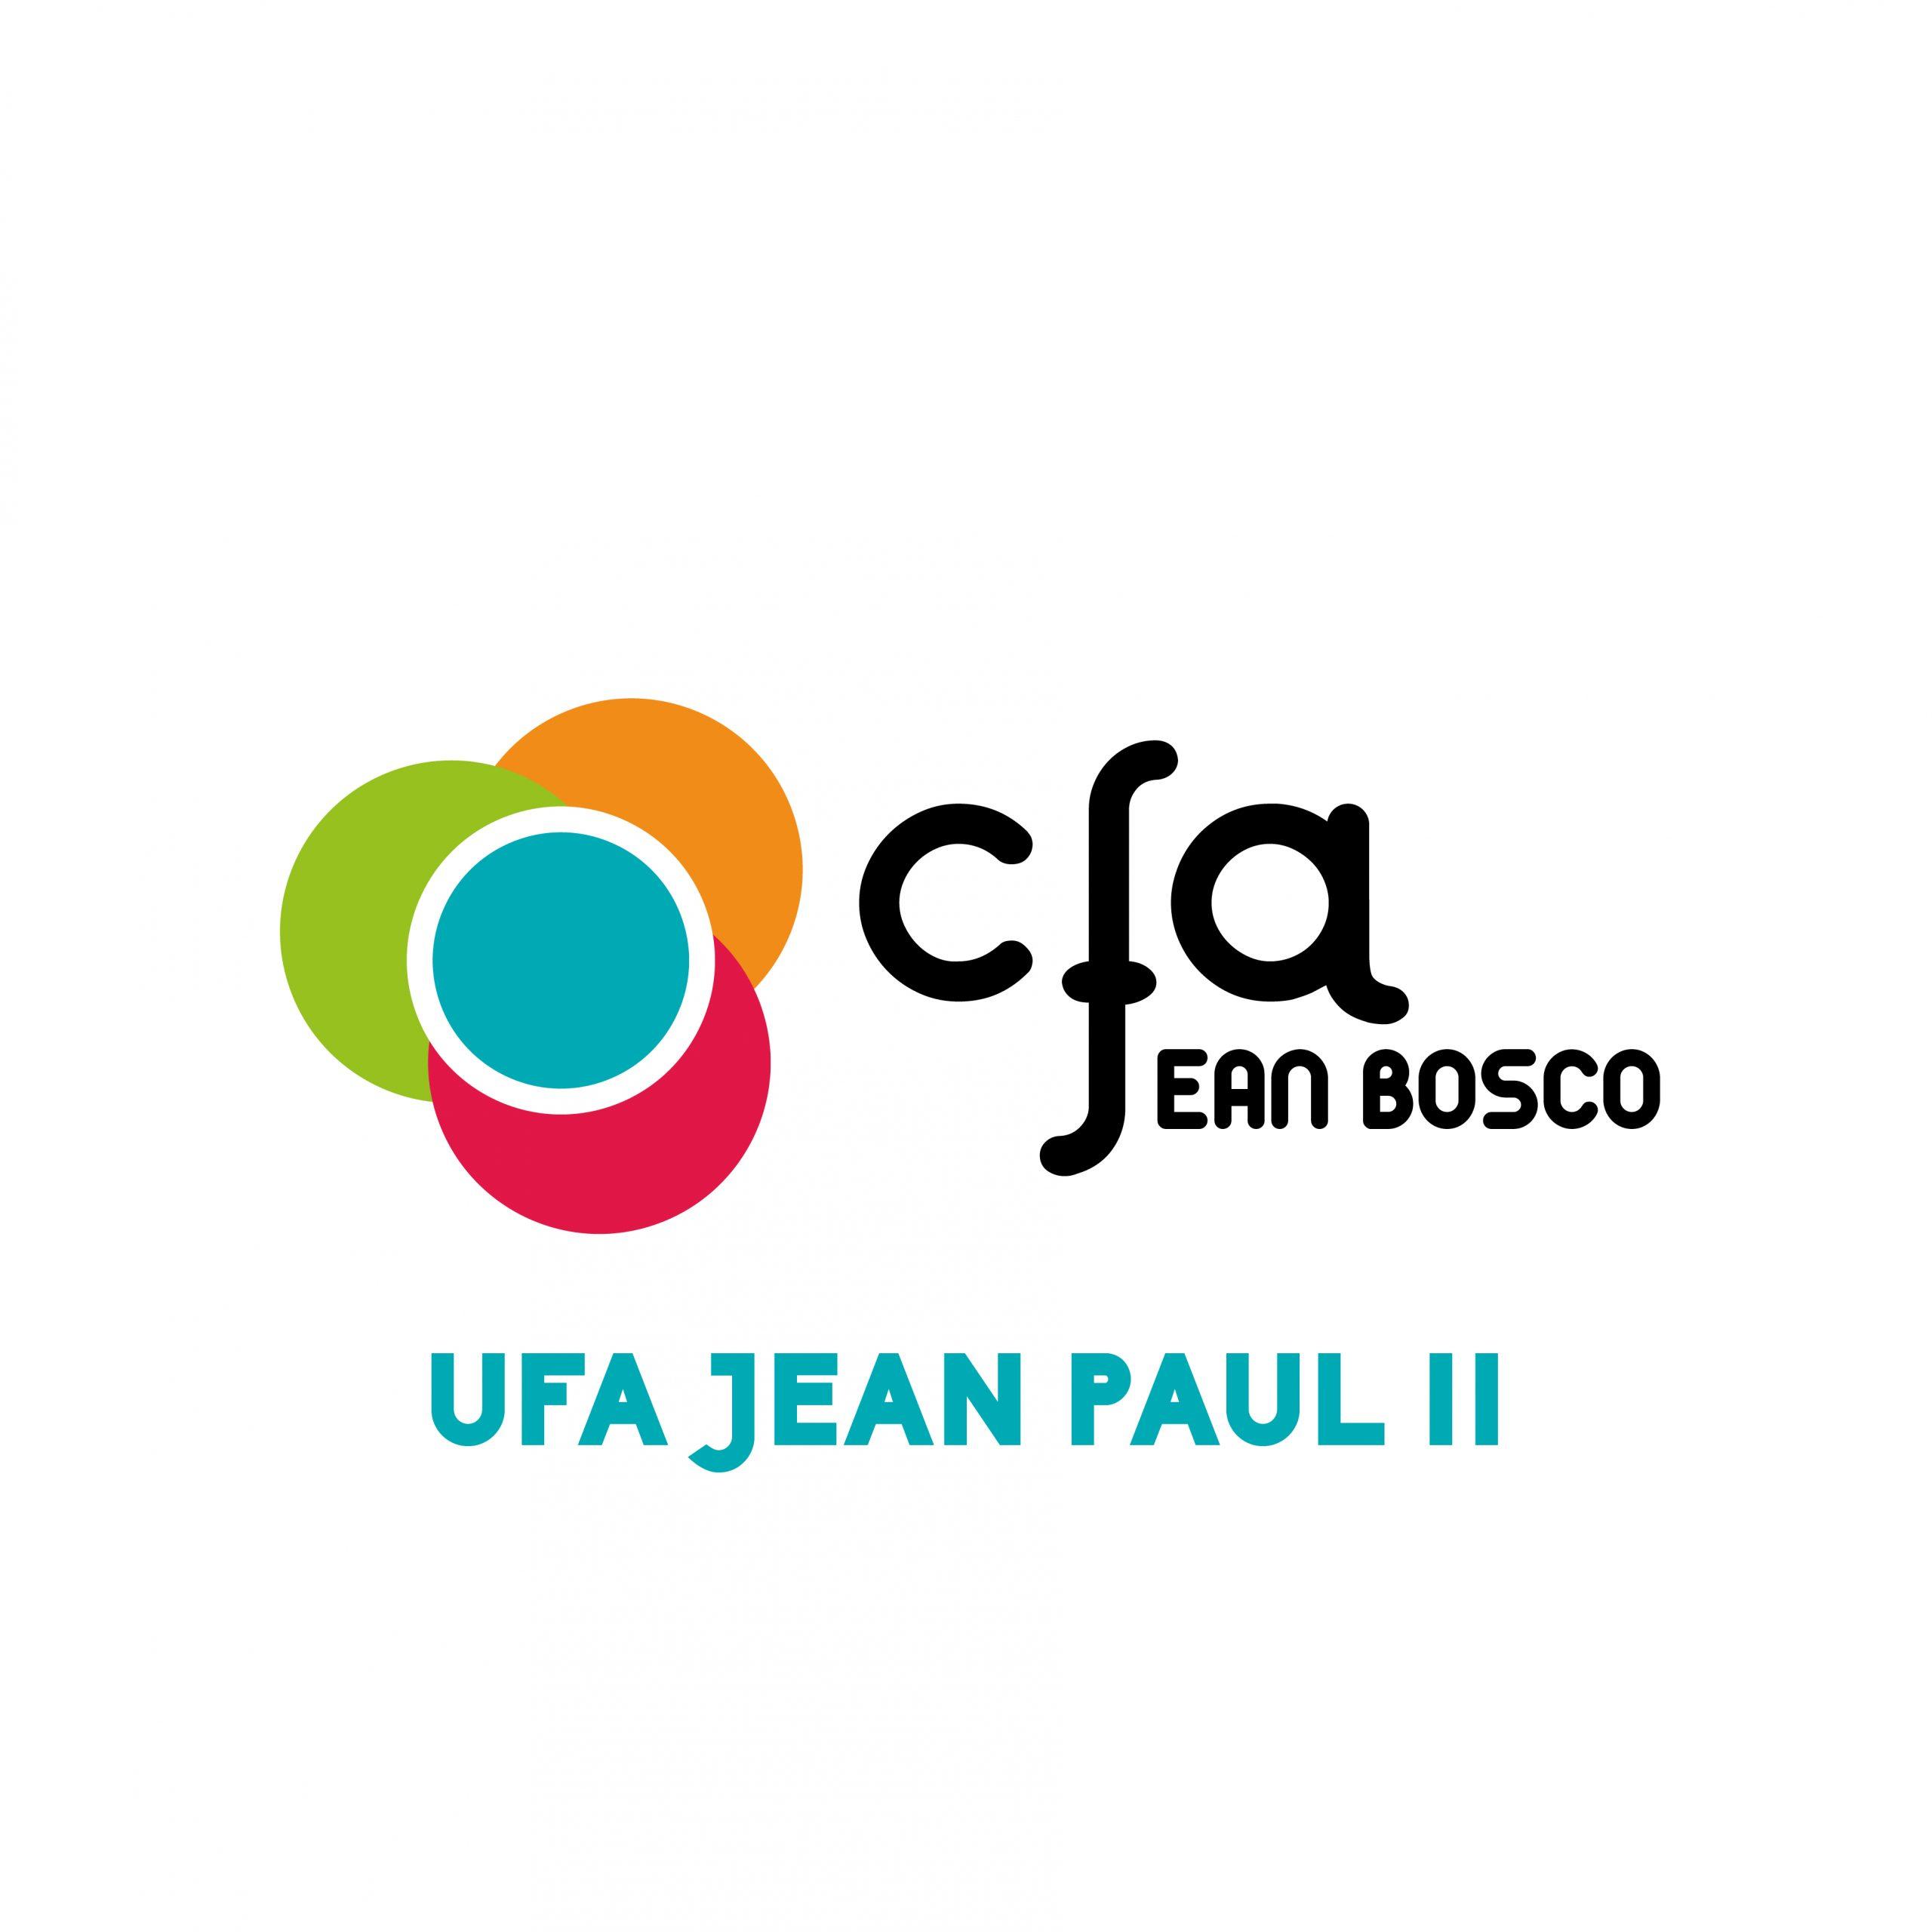 UFA JEAN PAUL II